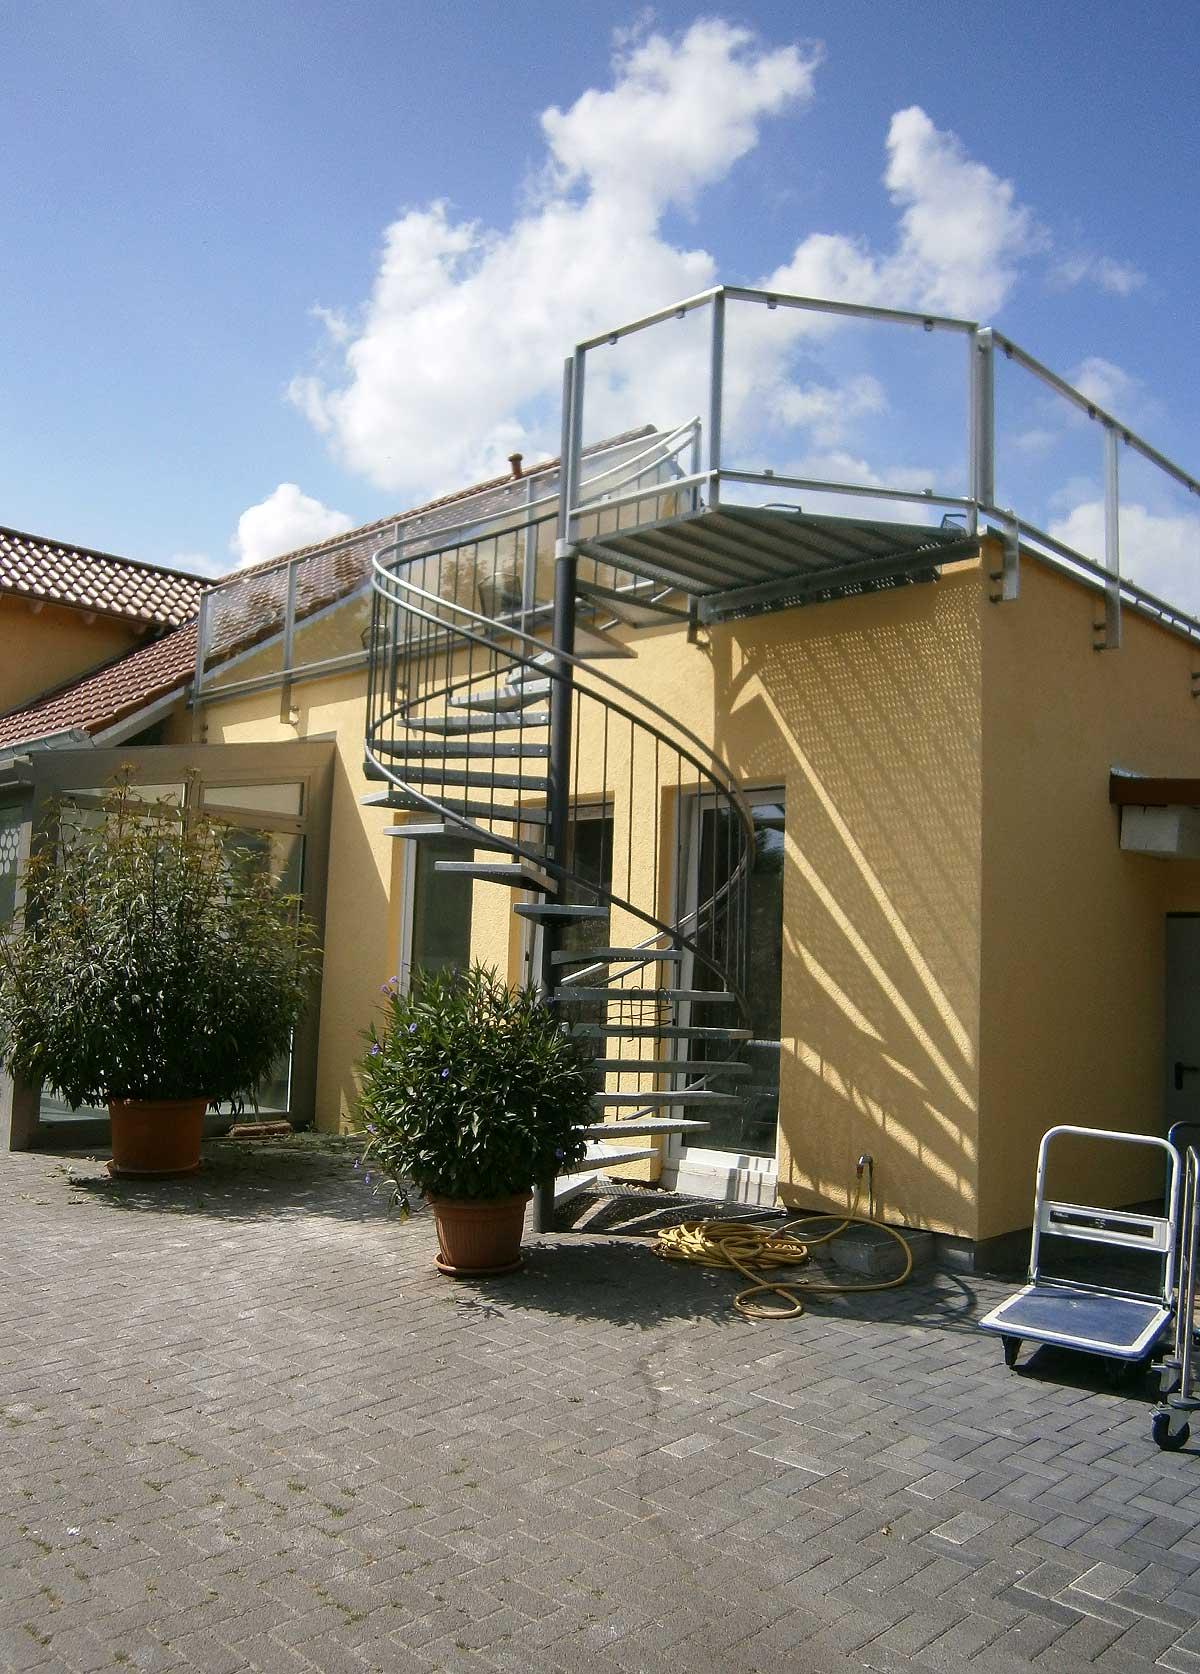 Außentreppe, gerade Treppe, einläufige Treppe, angewendelte Treppe, viertelgewendelte Treppe, zweiläufige Treppe, Glastreppe, Designtreppe, Wendeltreppe